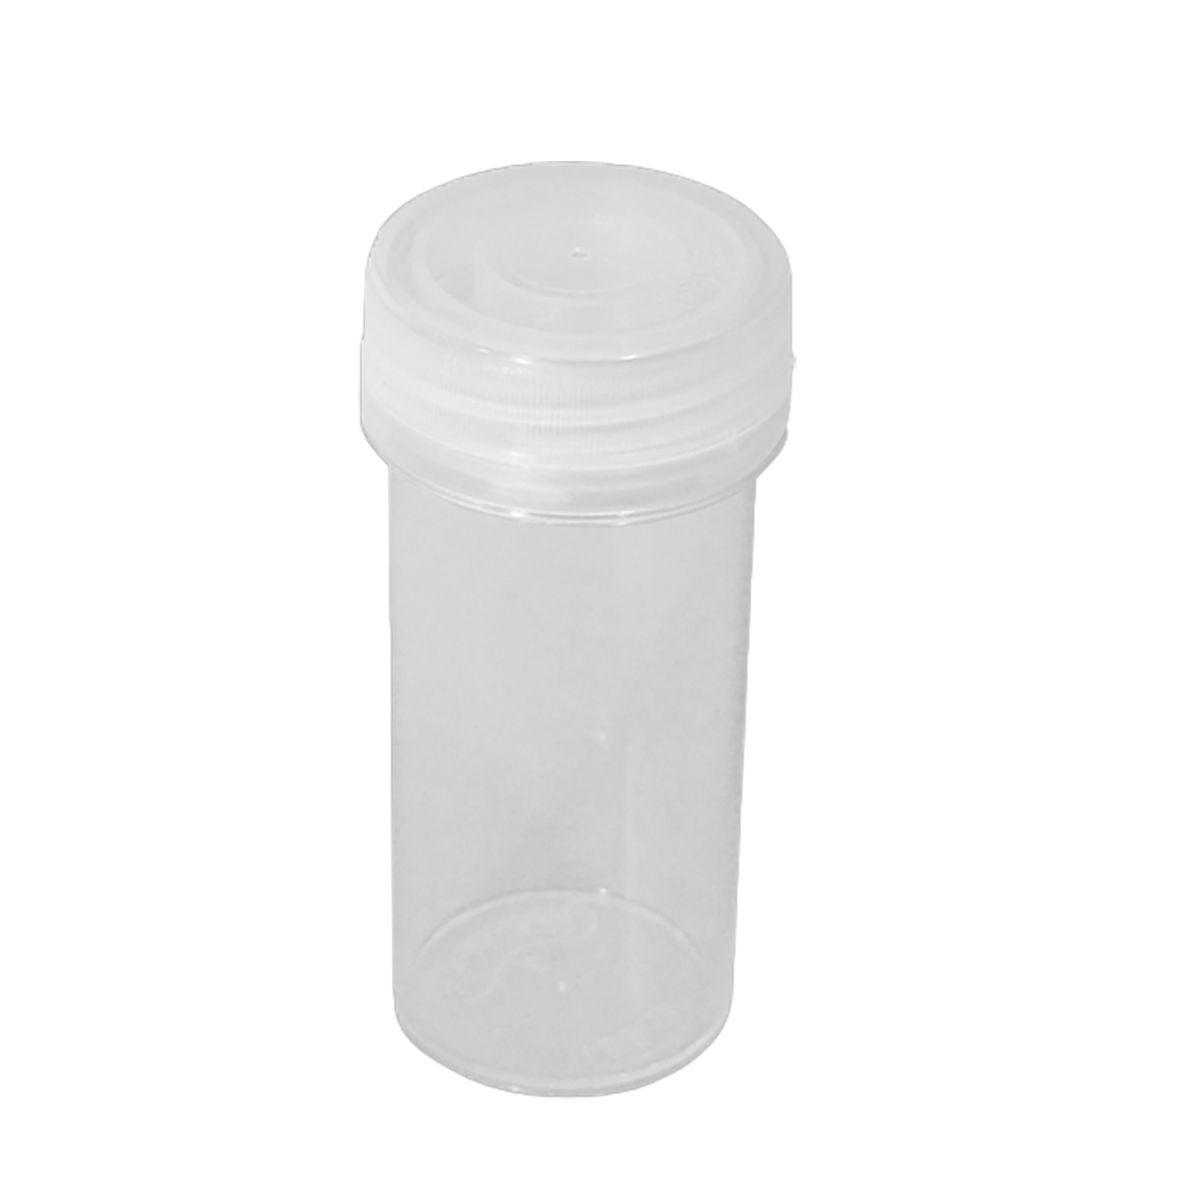 Potinho de Acrílico Cristal 80 ml com lacre kit com 50 unid